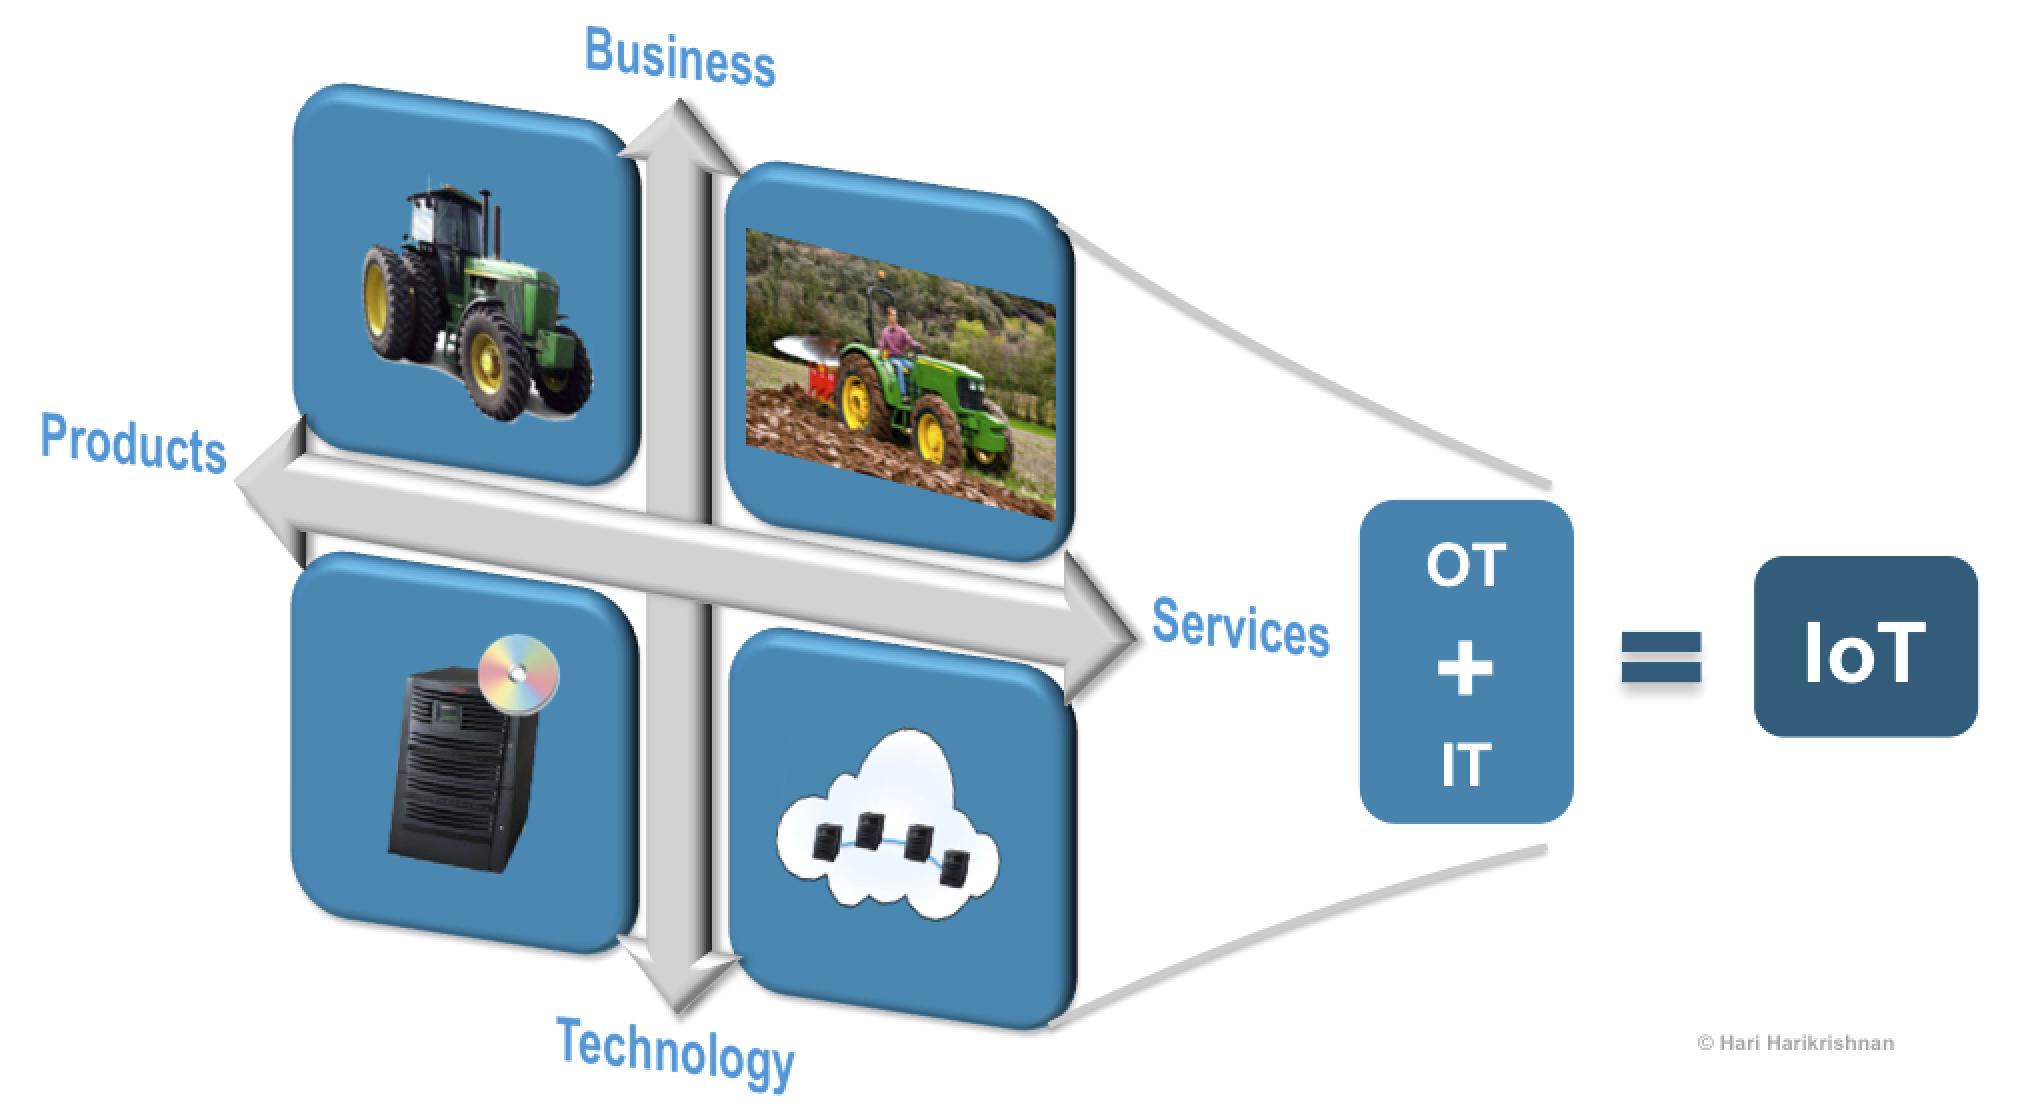 IT + OT = IoT